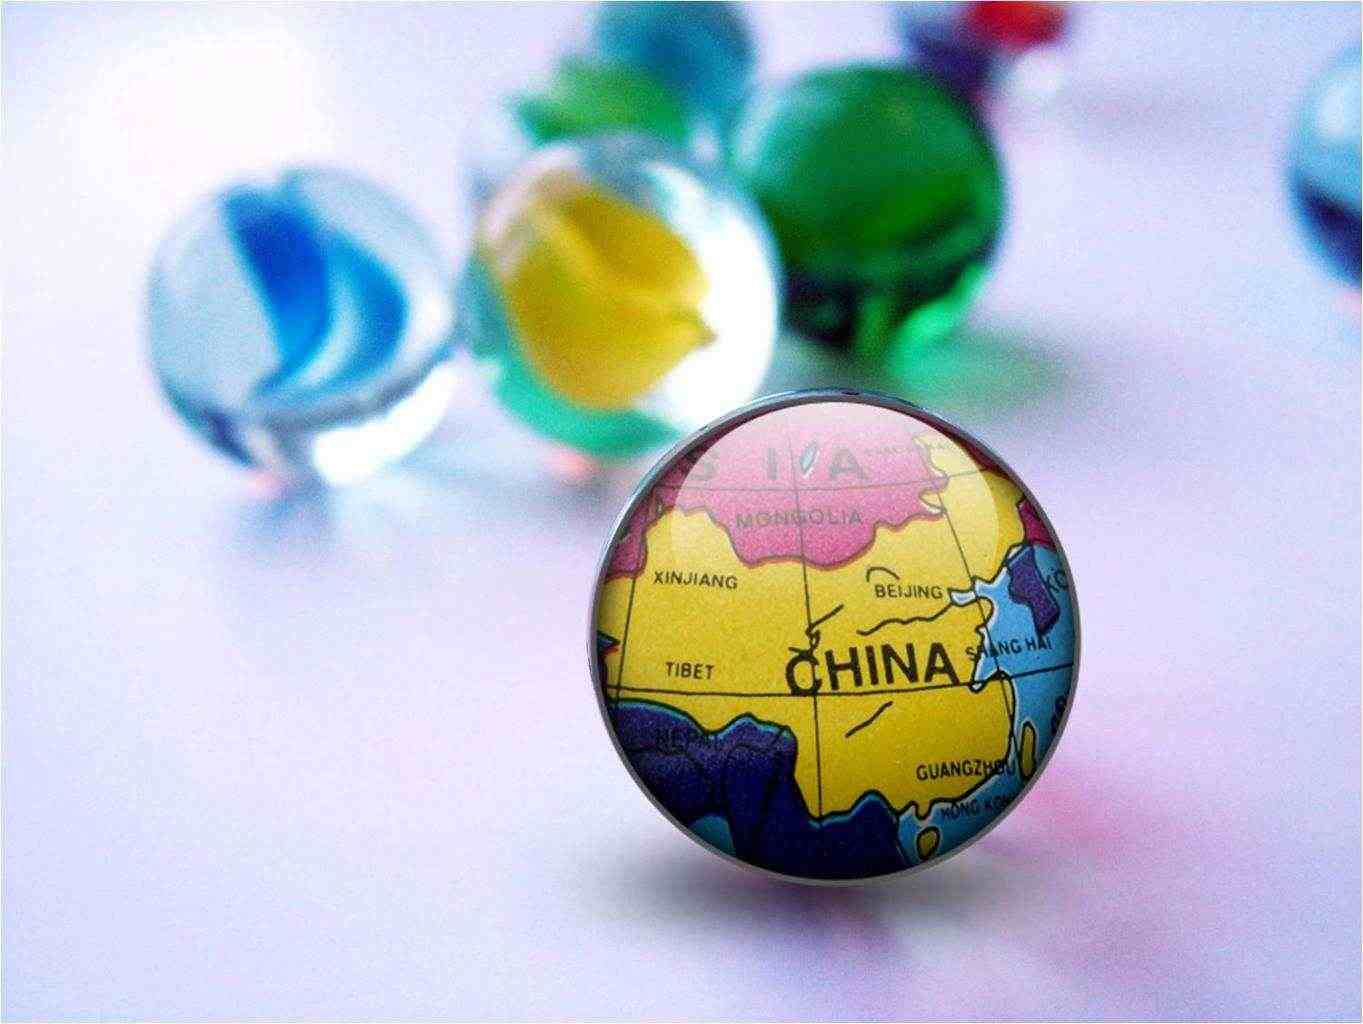 Traduzioni e interpretariato professionali trilingue (Cinese, Italiano e Inglese)